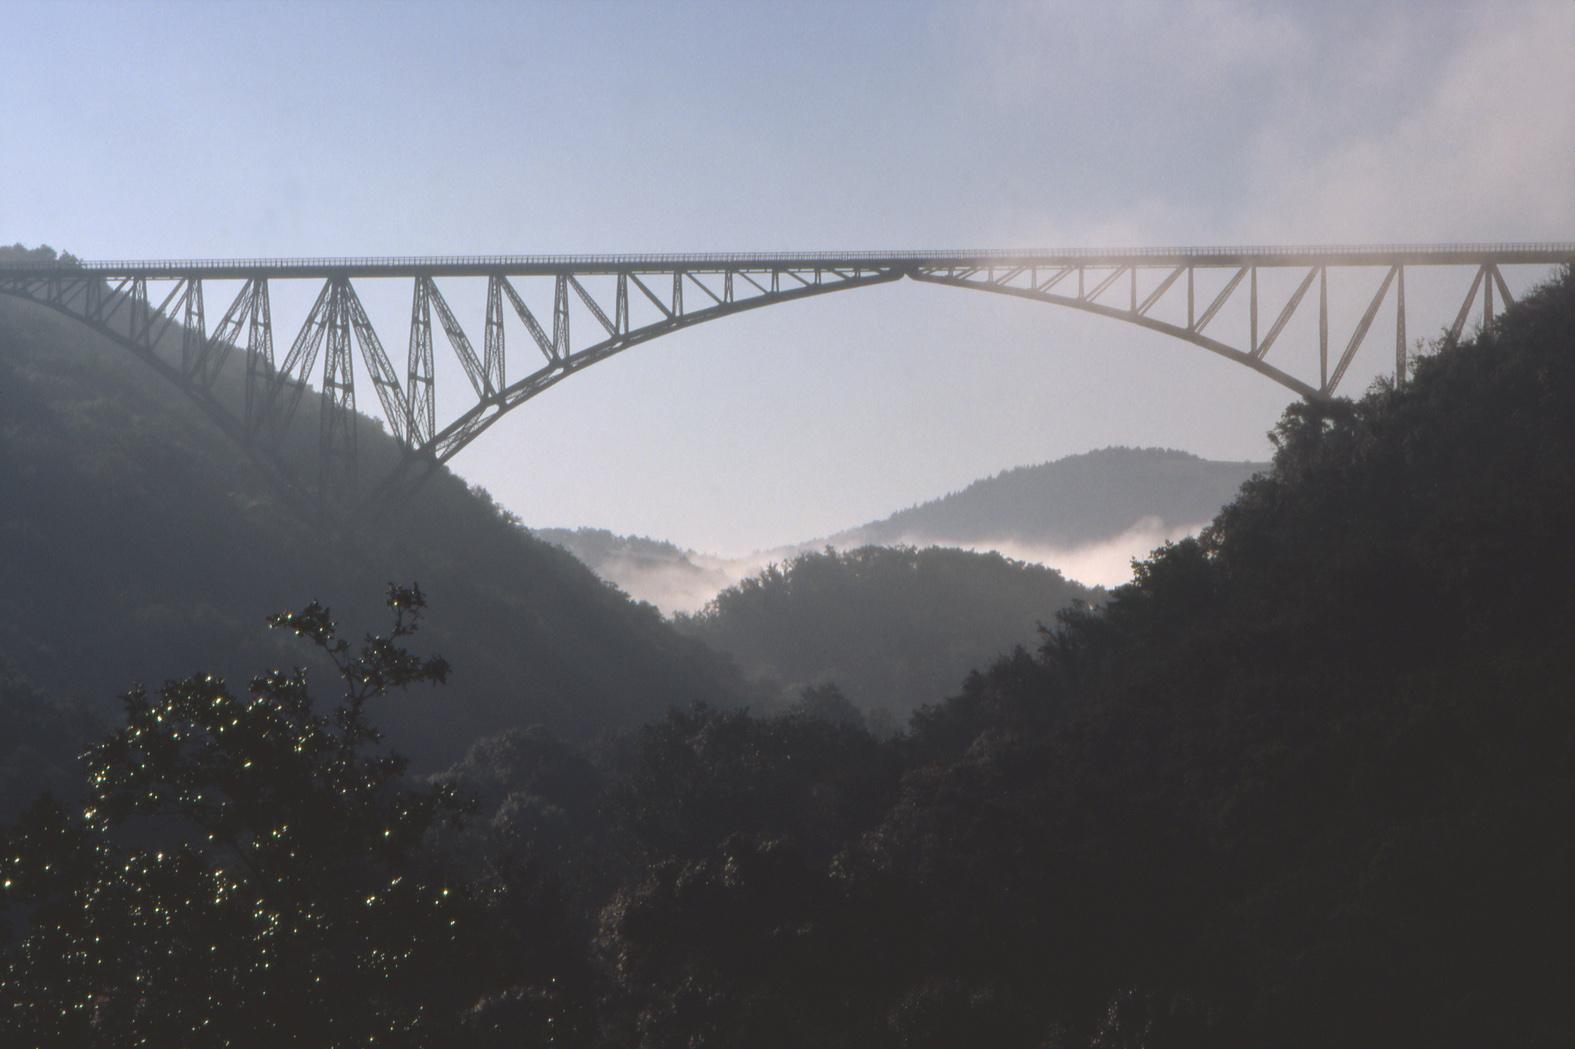 Viaduc de Viaur